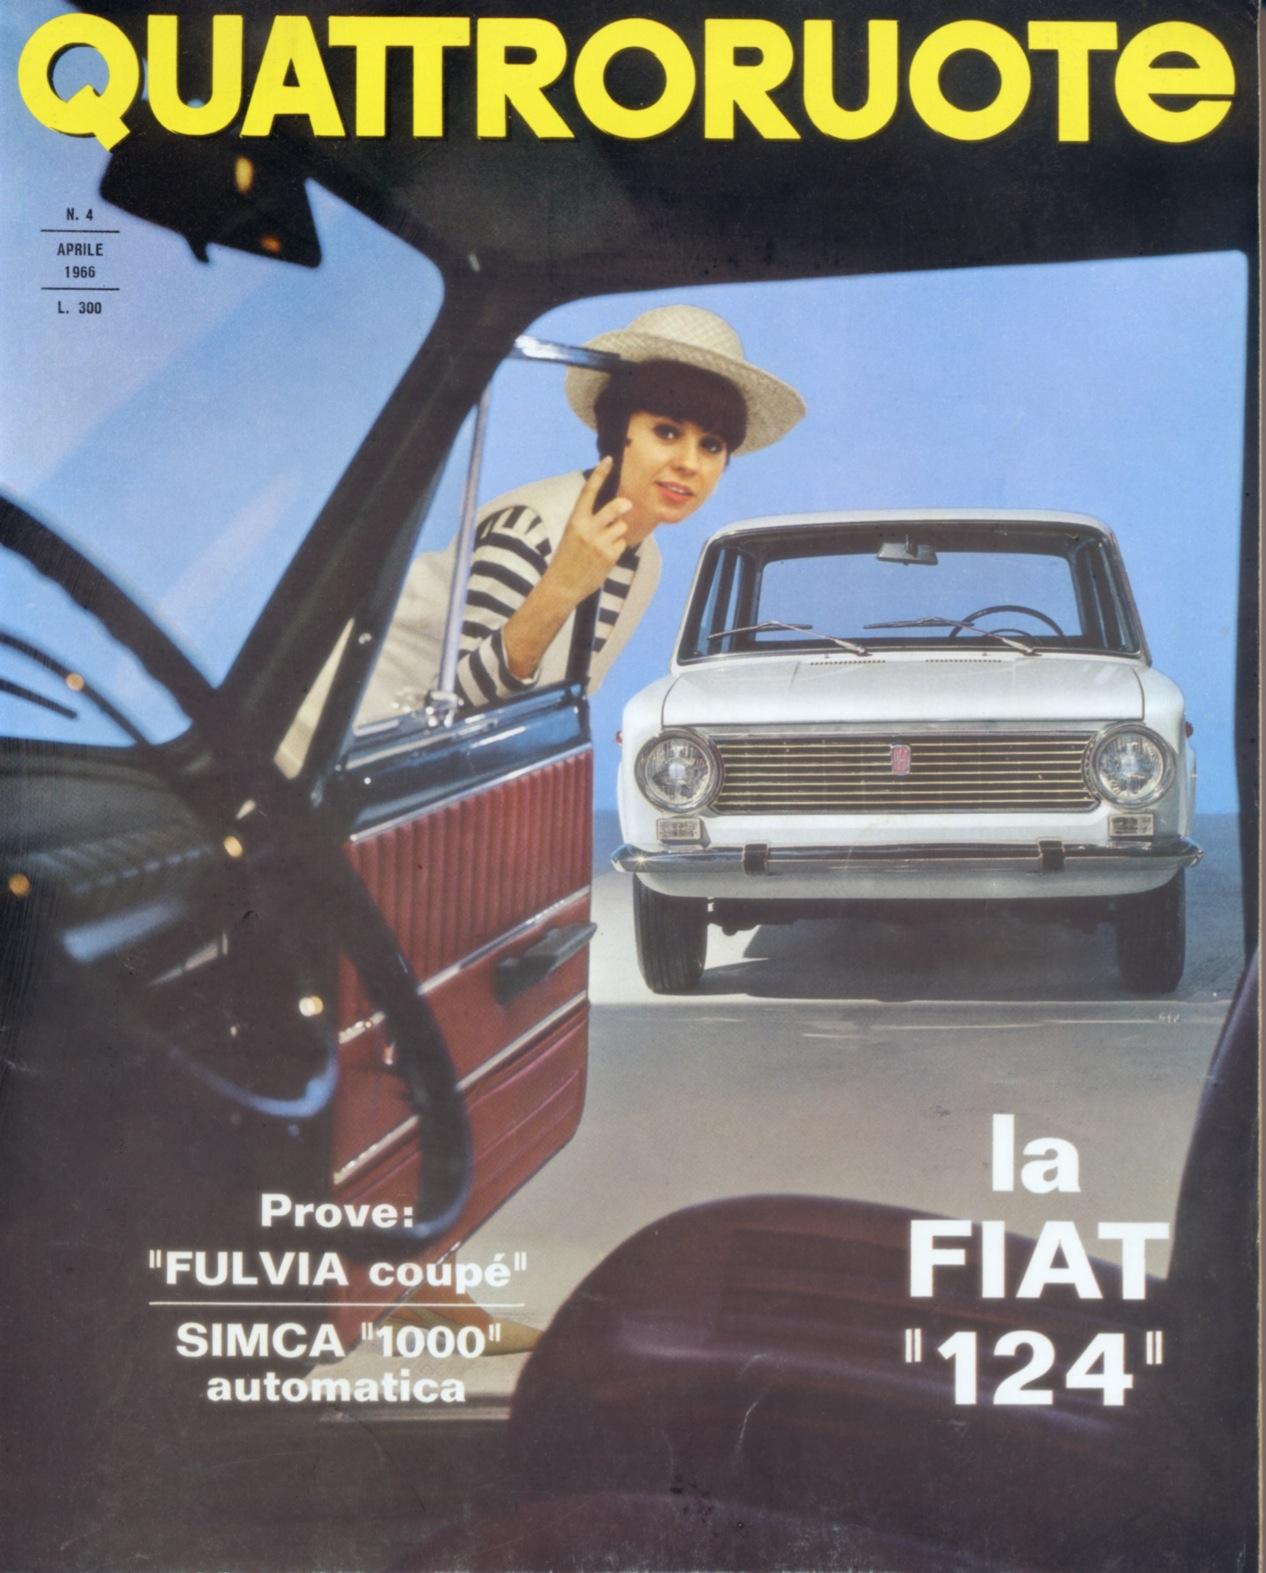 1966 quattroruote copertina aprile 124